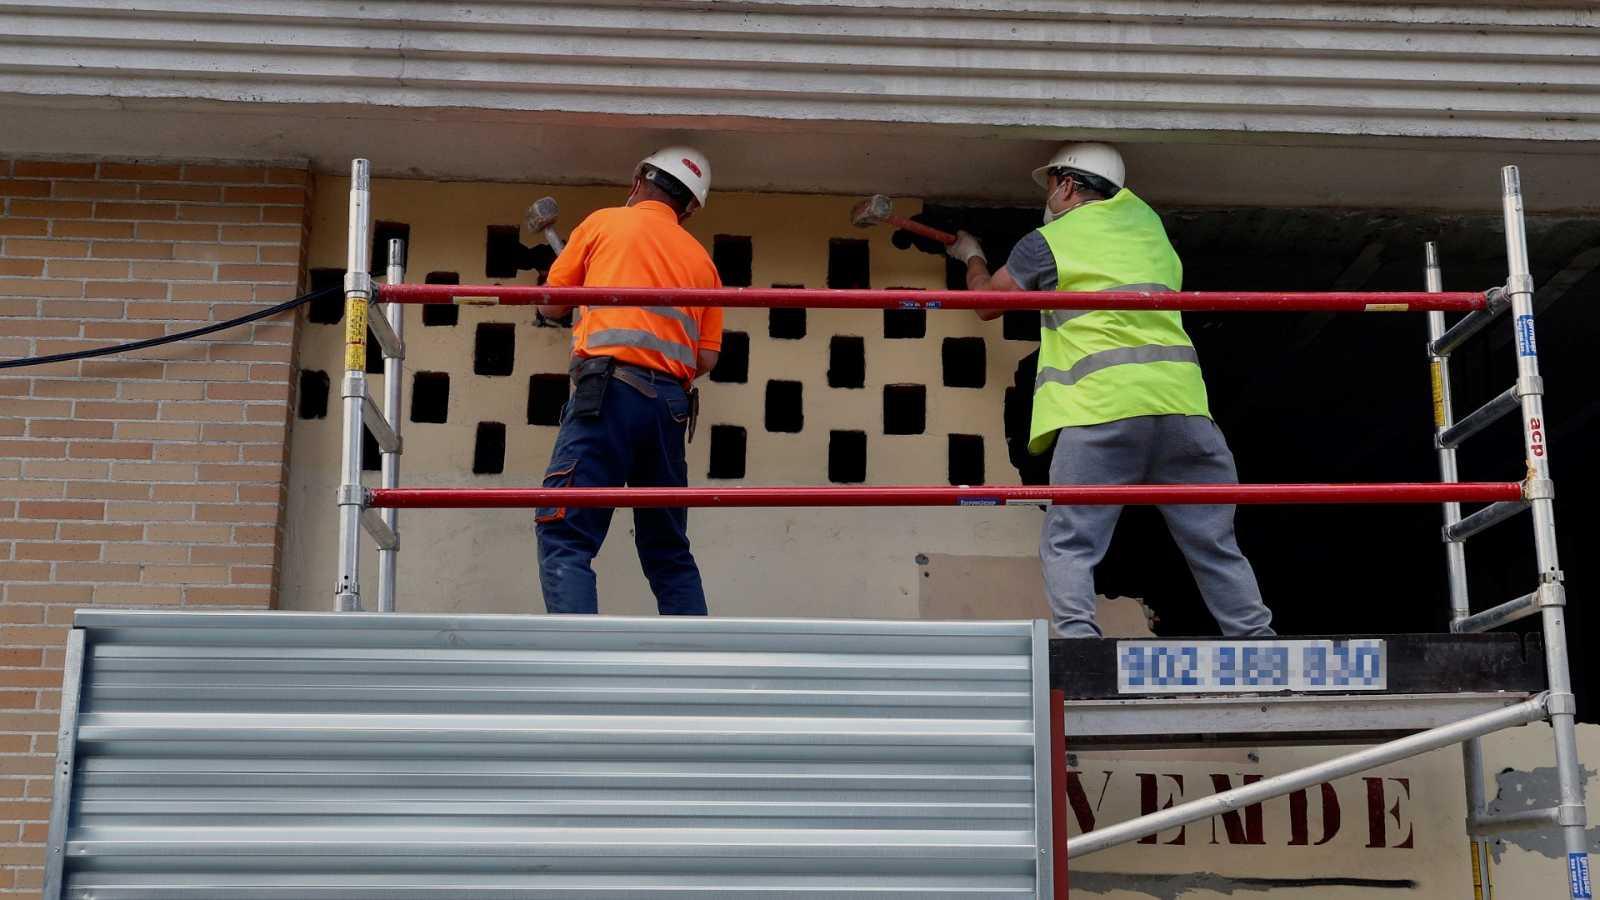 Dos operarios de la construcción realizan trabajos en la fachada de un edificio.